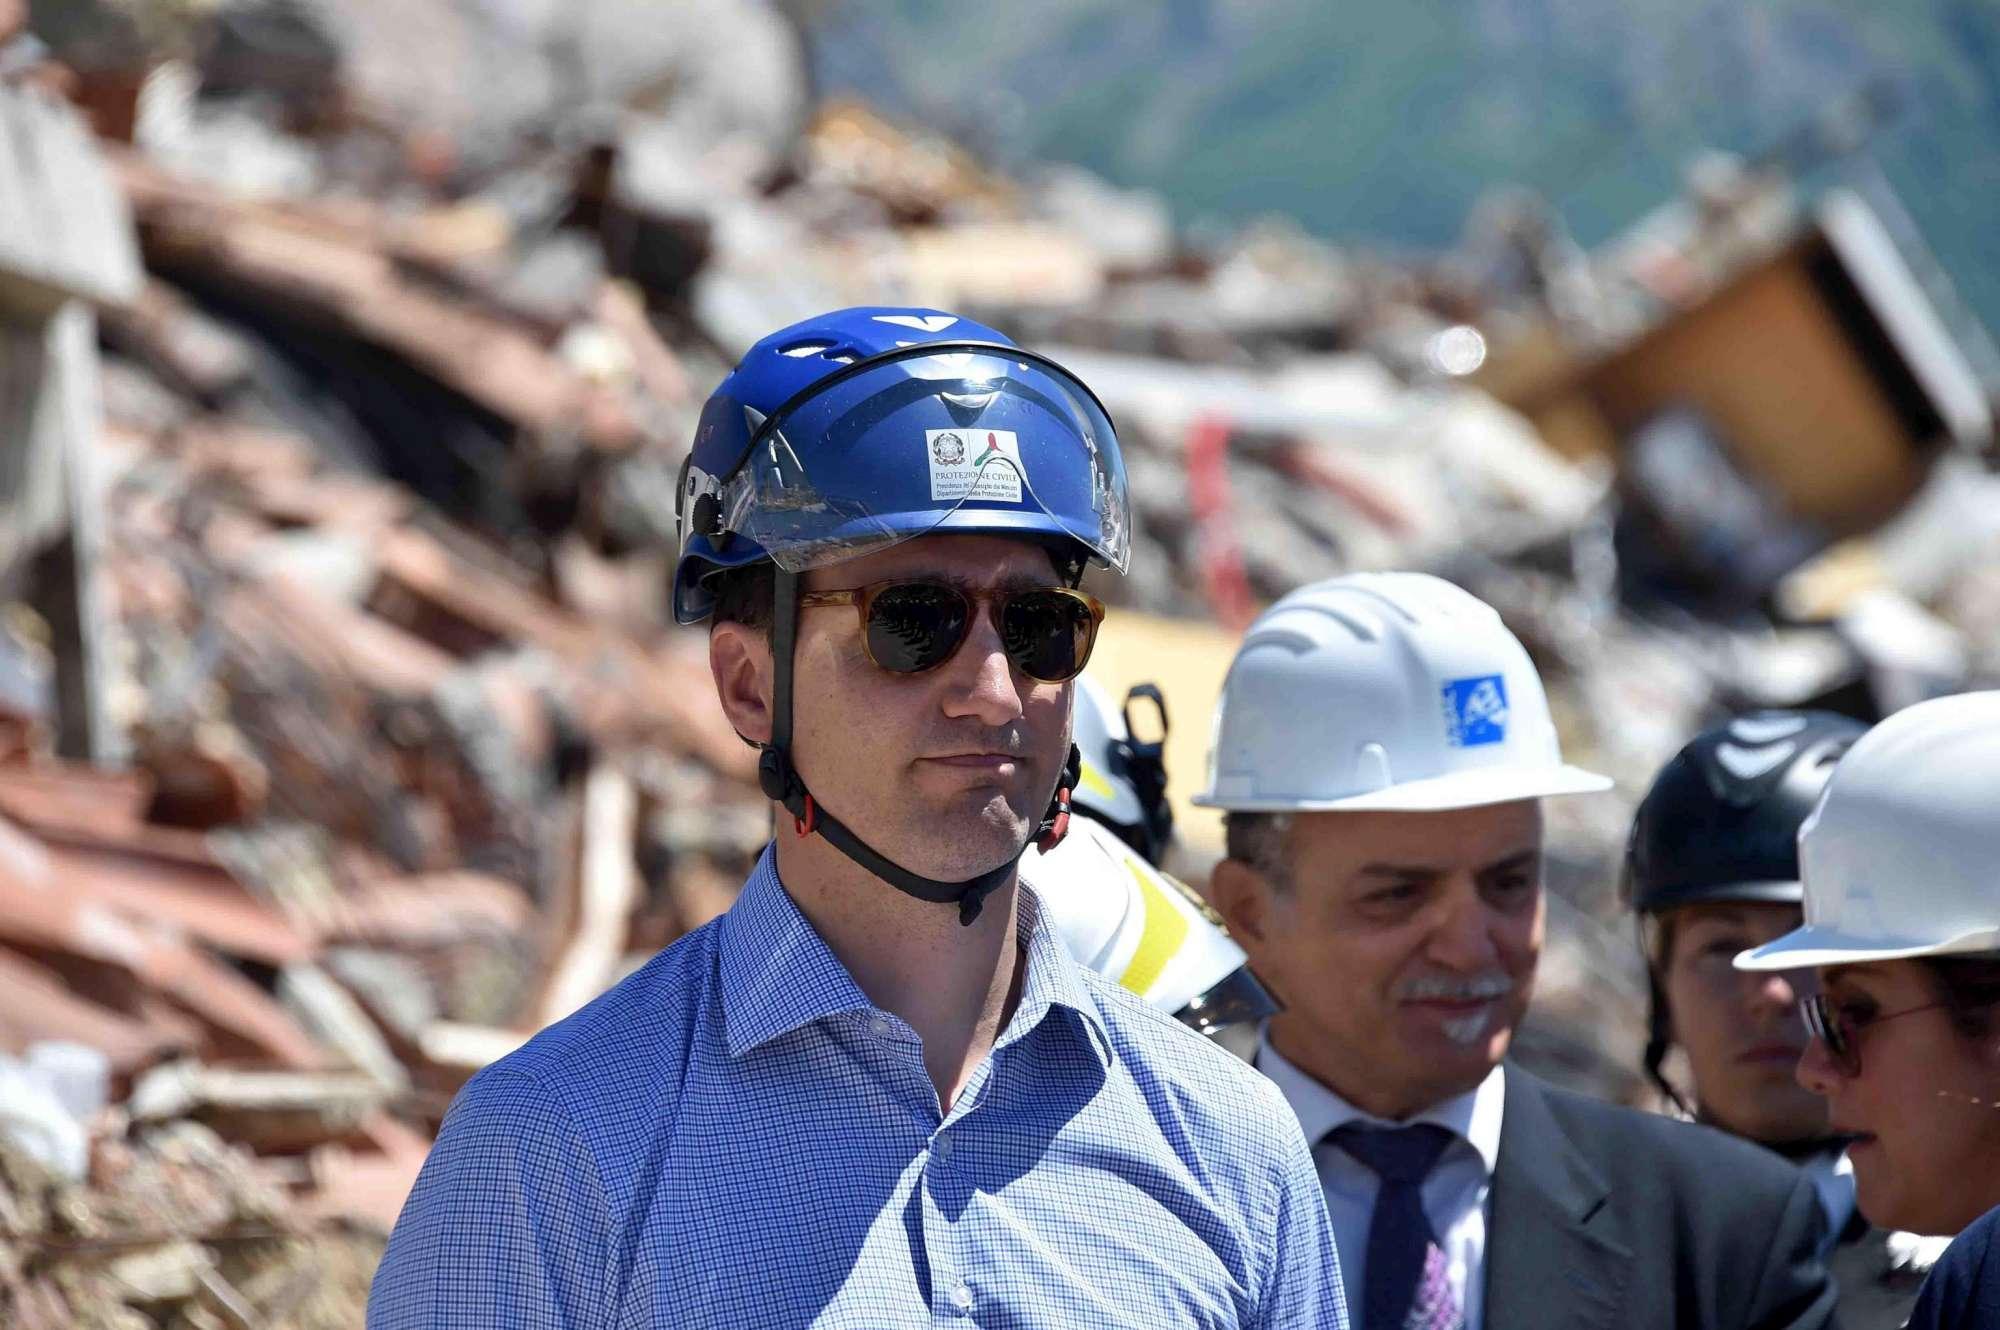 Sisma, il premier canadese Trudeau in visita ad Amatrice